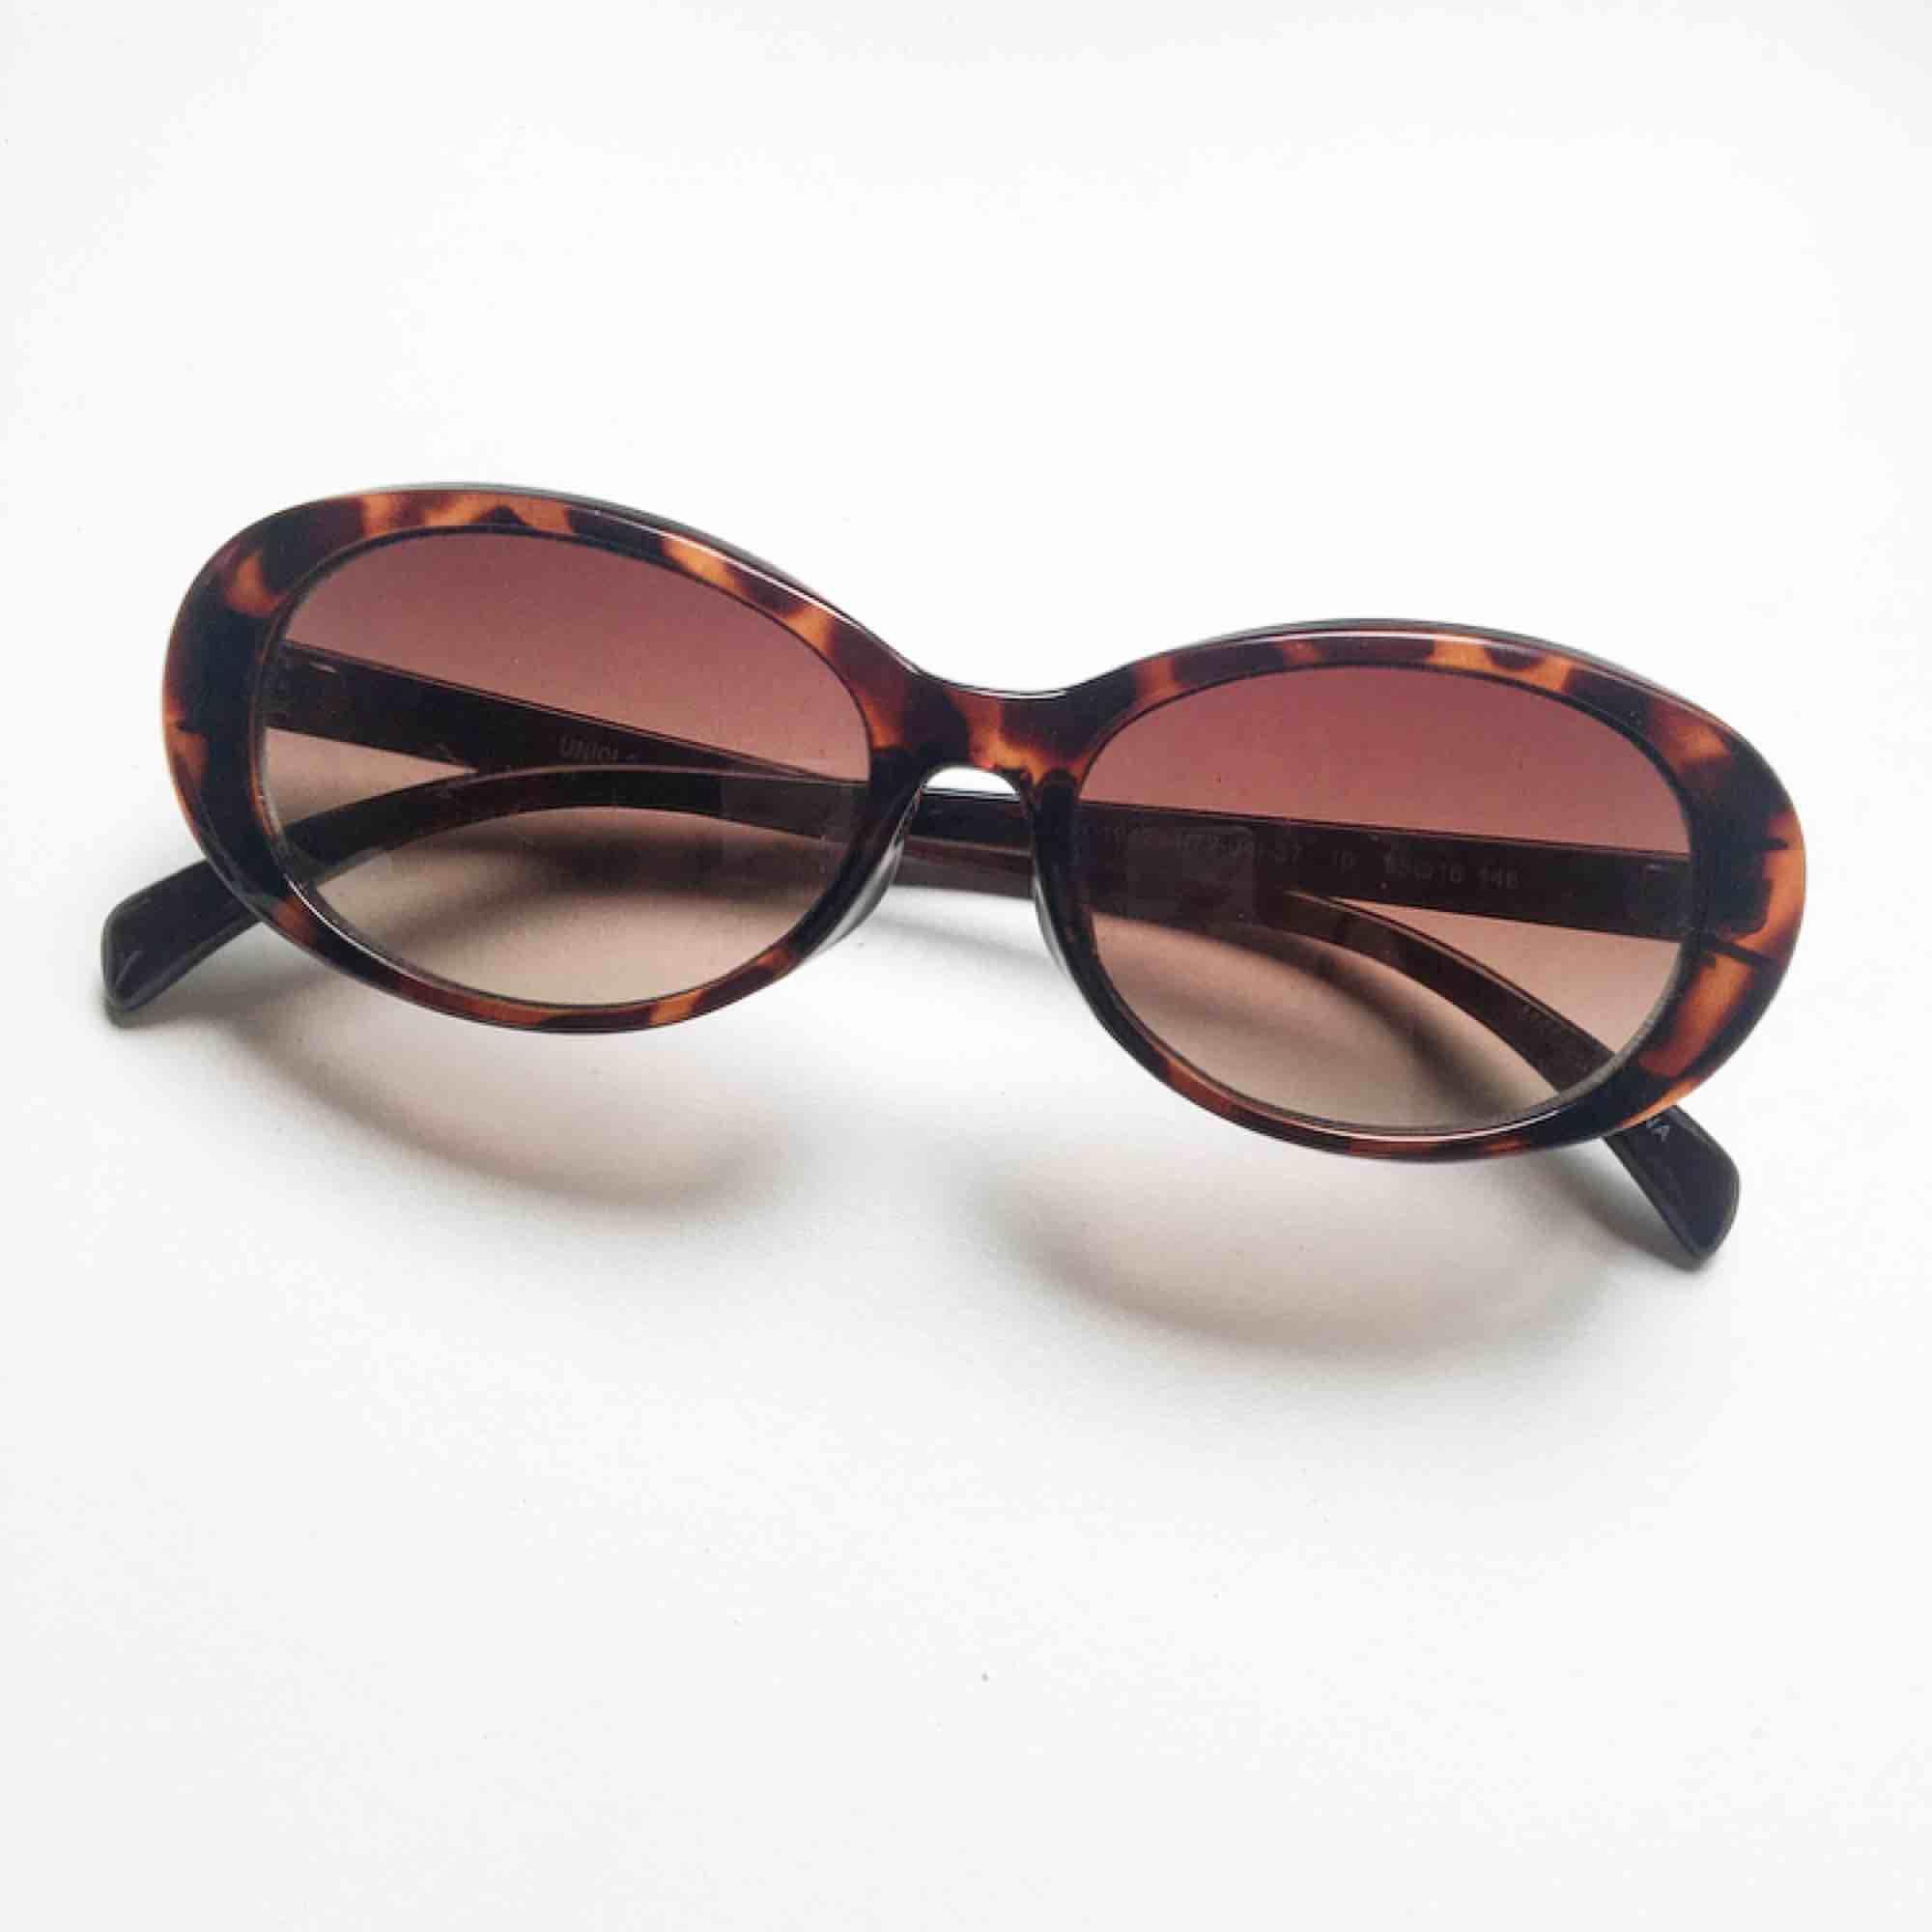 Underbara solglasögon från Uniqlo! Liten repa på högra glaset men stör inte helheten 🤗. Accessoarer.